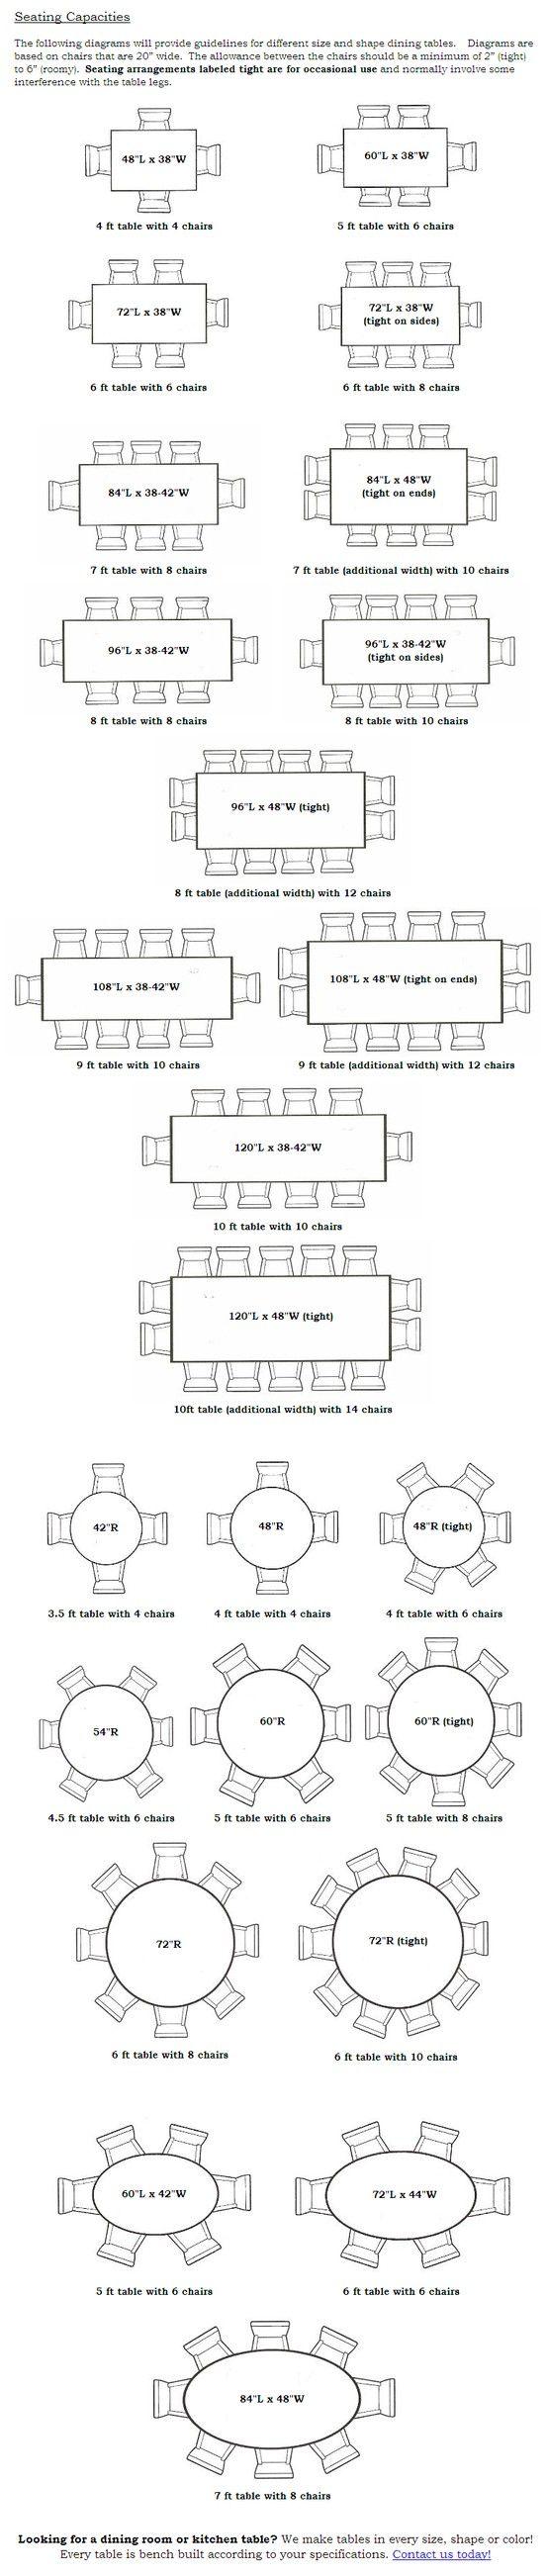 Seating capacities diagram